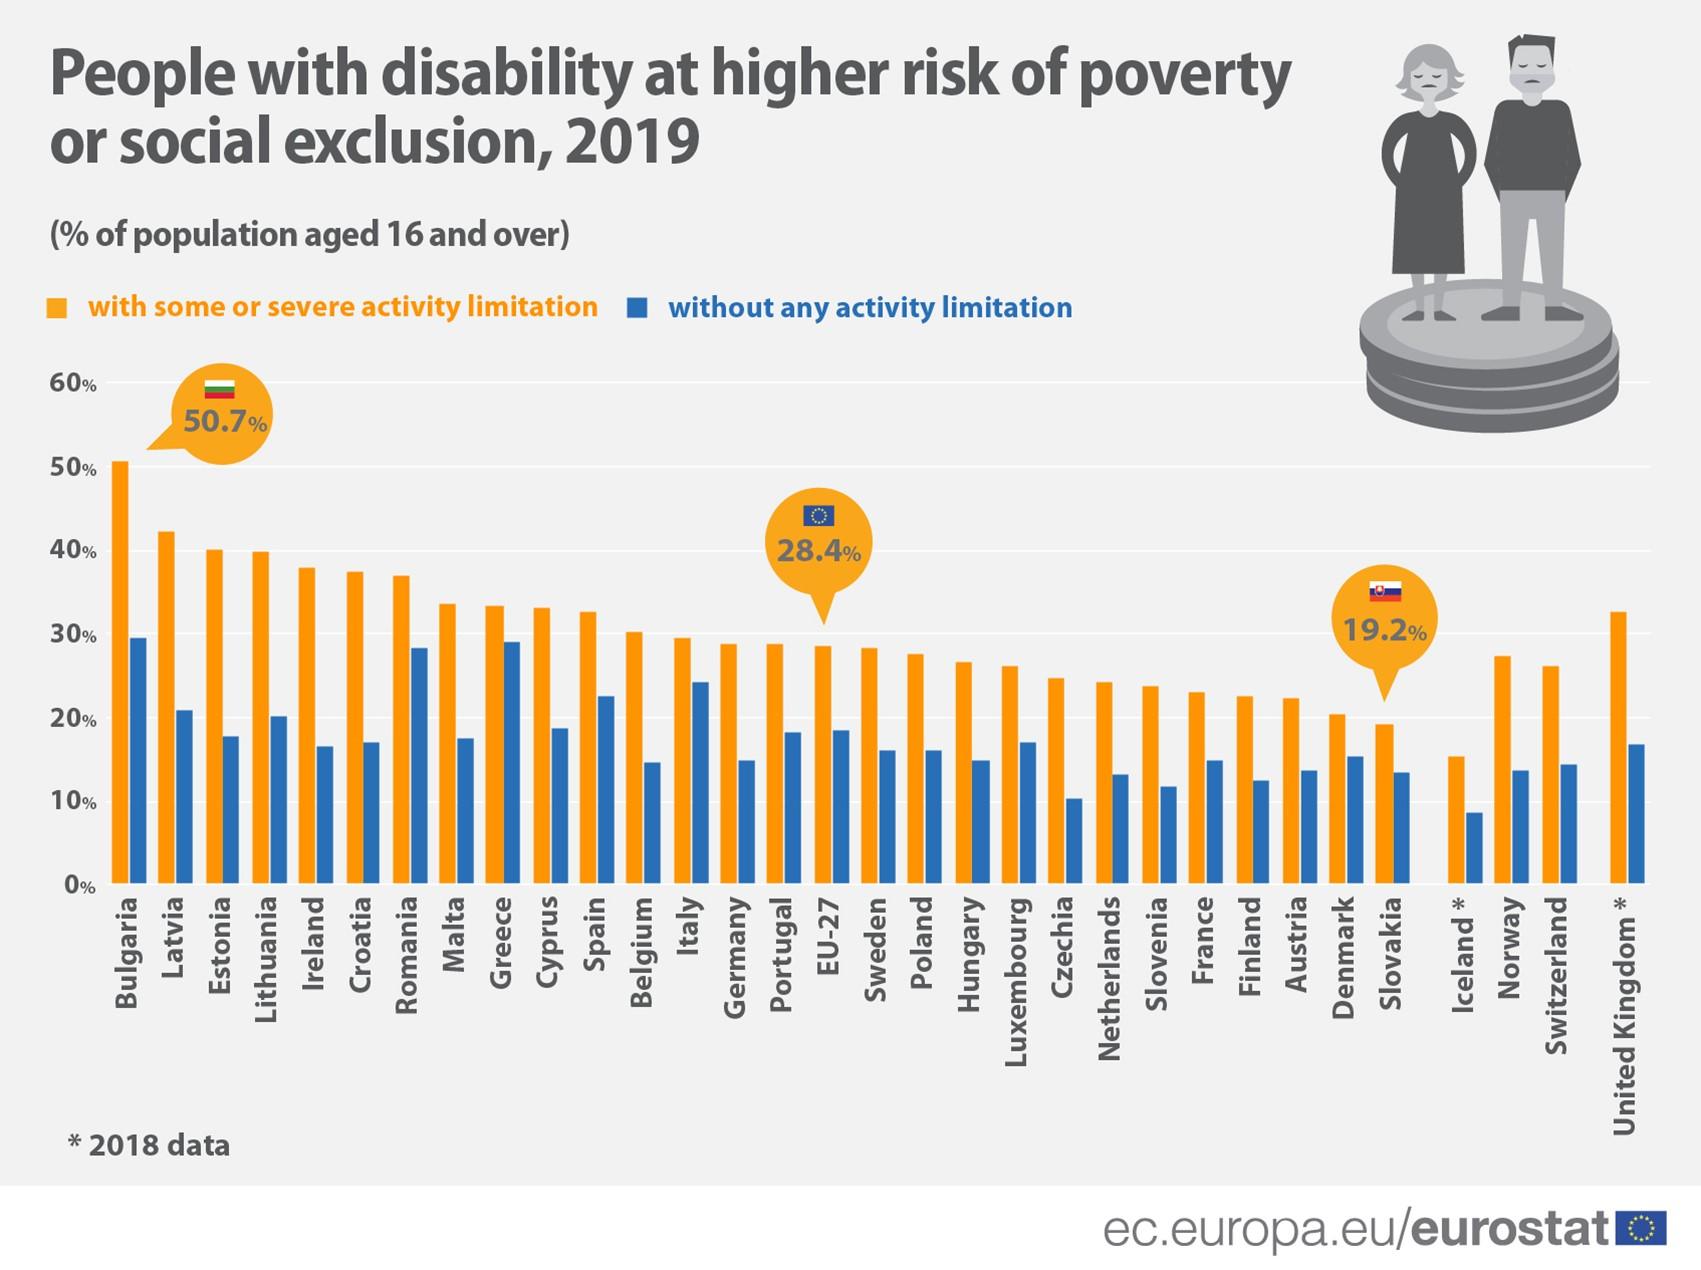 Riscul de sărăcie sau excluziune socială al persoanelor cu dizabilități (%, 2019)